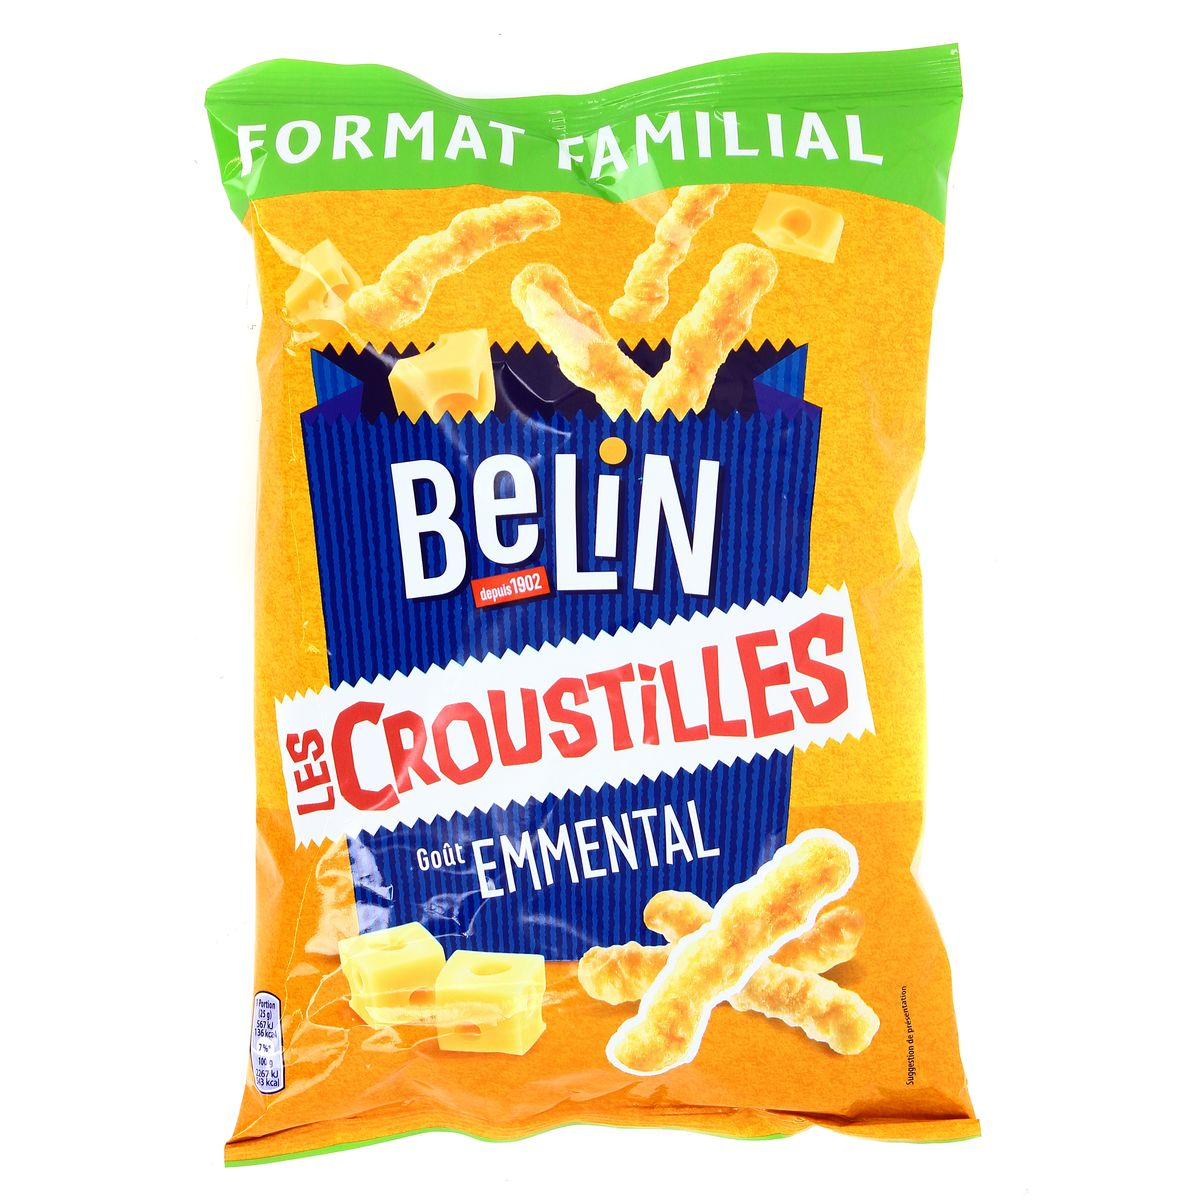 Croustilles goût emmental, Belin (138 g)